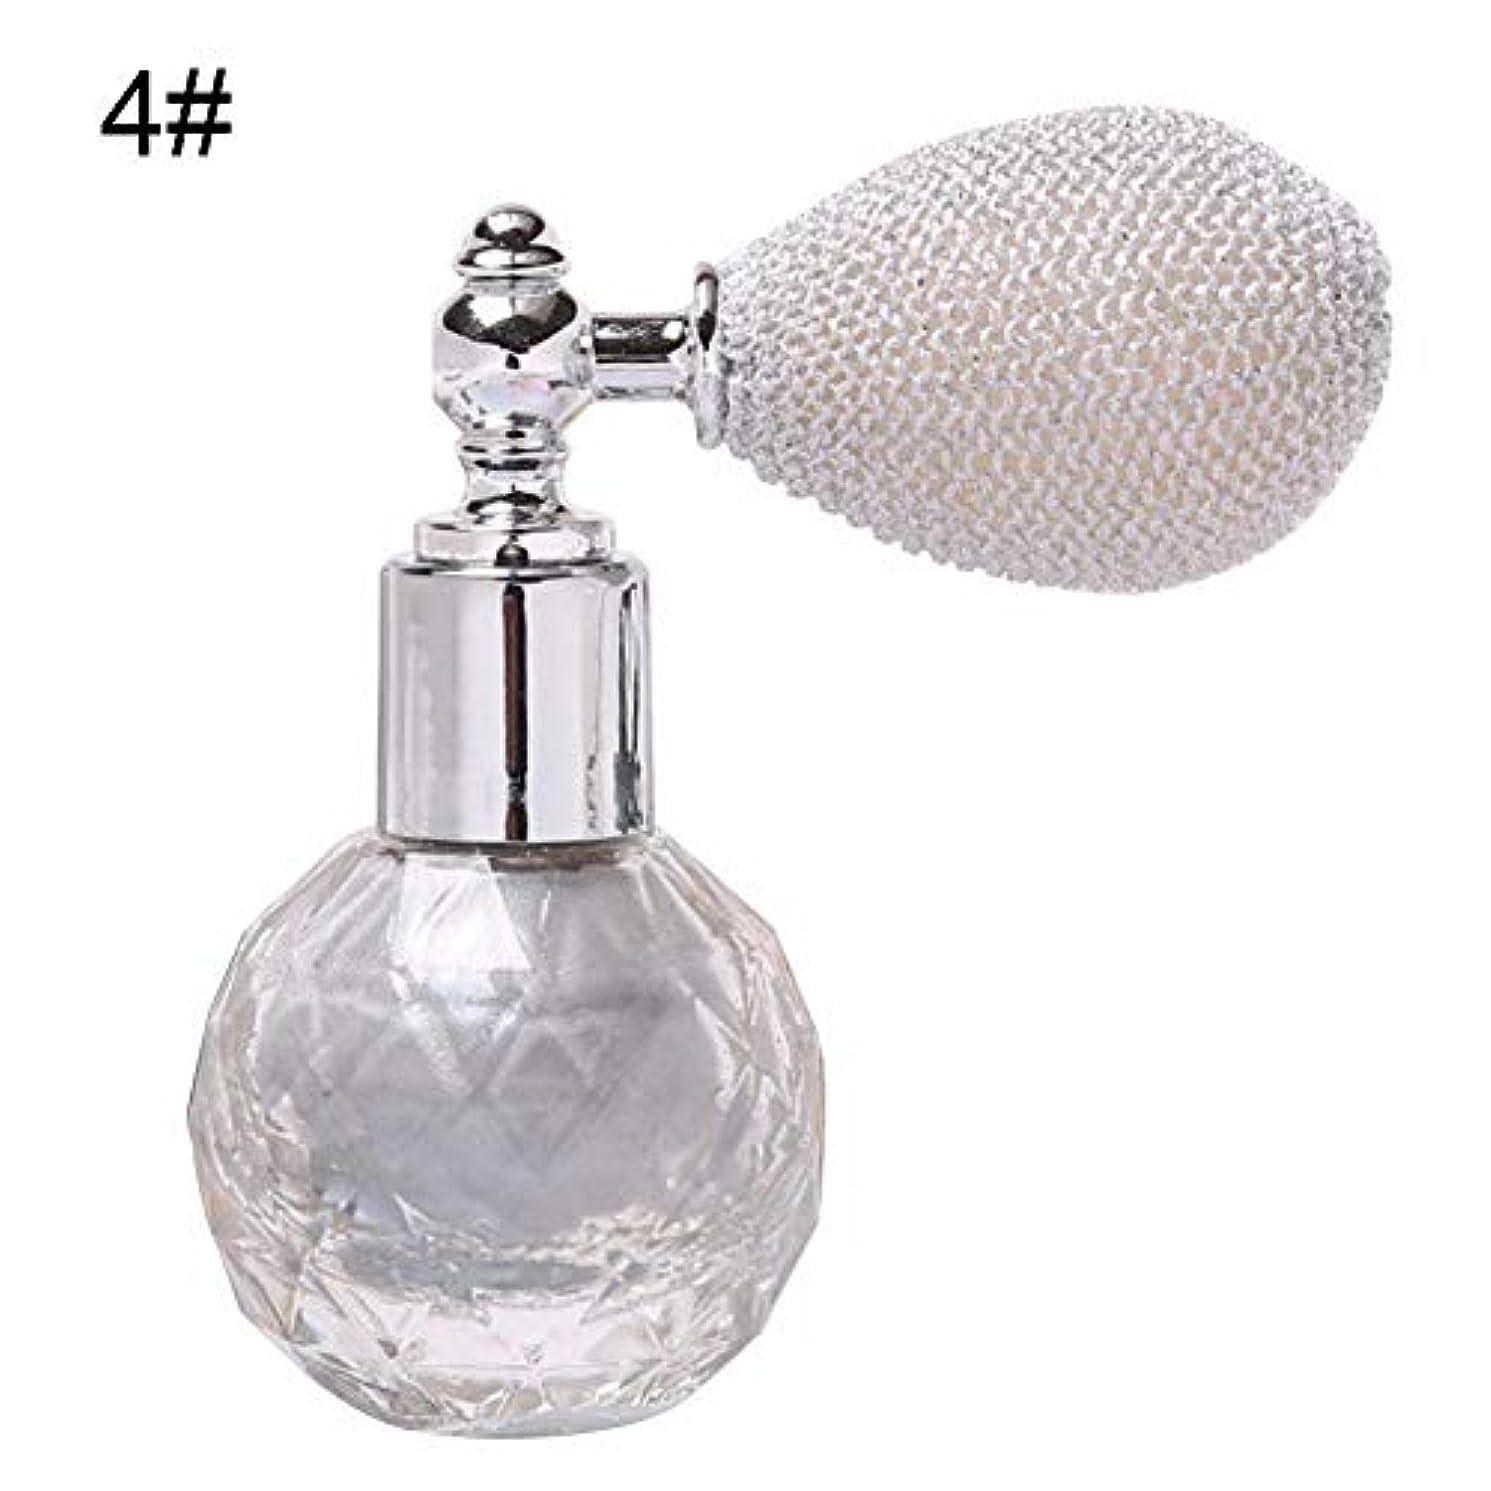 不正劣る頭痛Ragem グリッターパウダー スプレー 式 香水味 顔/ボディ/ヘア 化粧パウダー 4色選択可